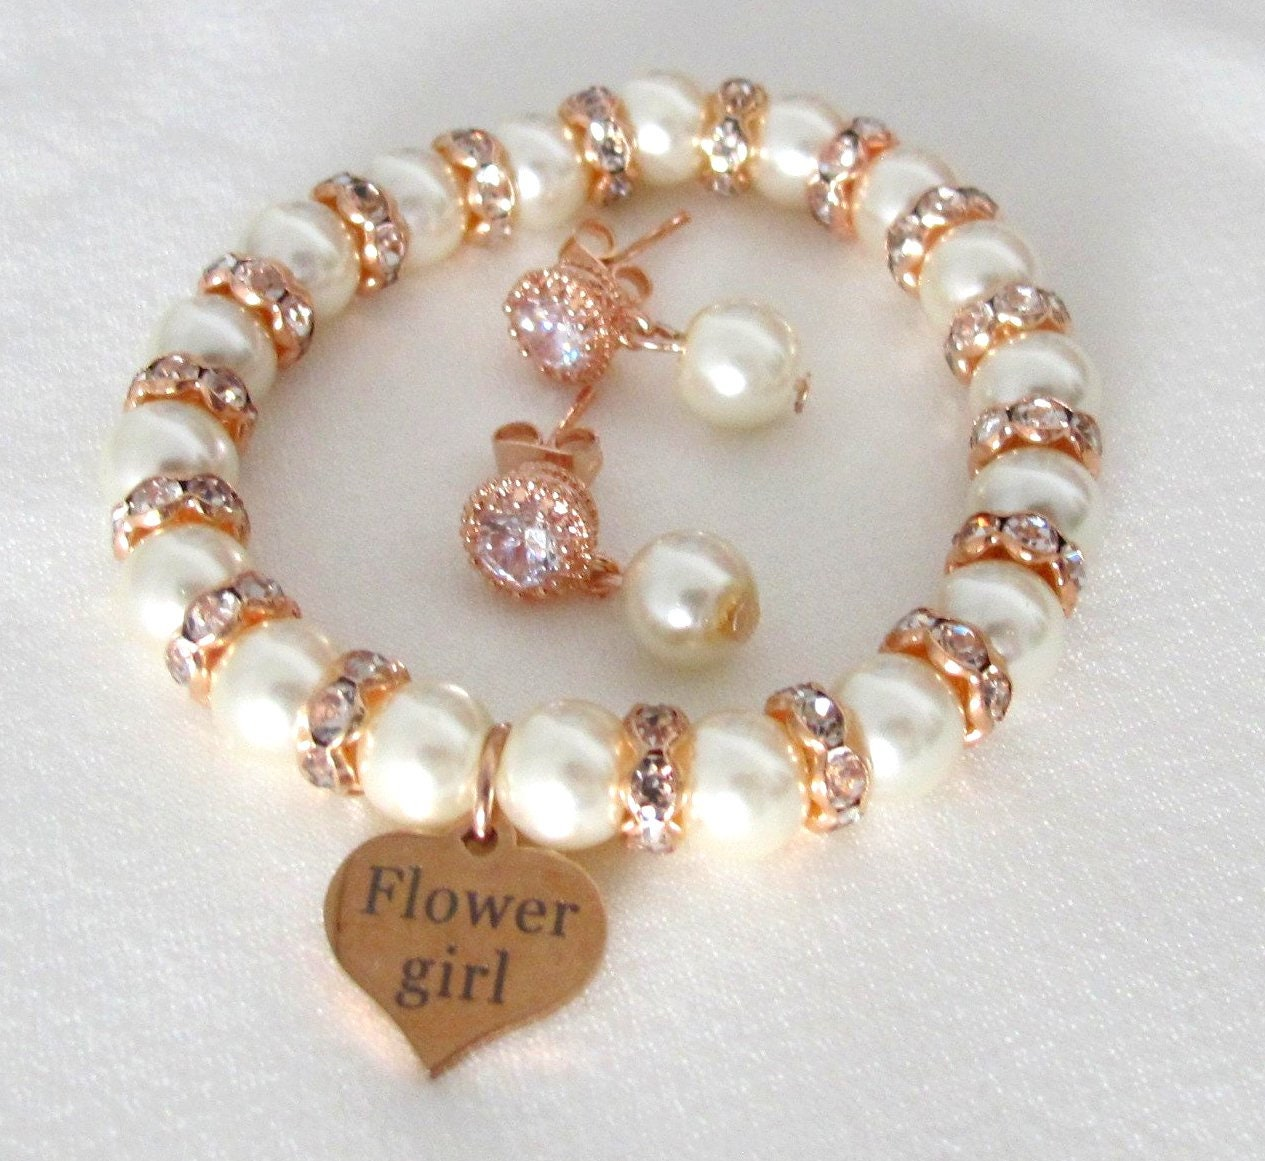 Junior Bridesmaid Gift Flower Girl Gift Flower Girl Bracelet Flower Gift Idea Personalized Flower Girl Bracelet